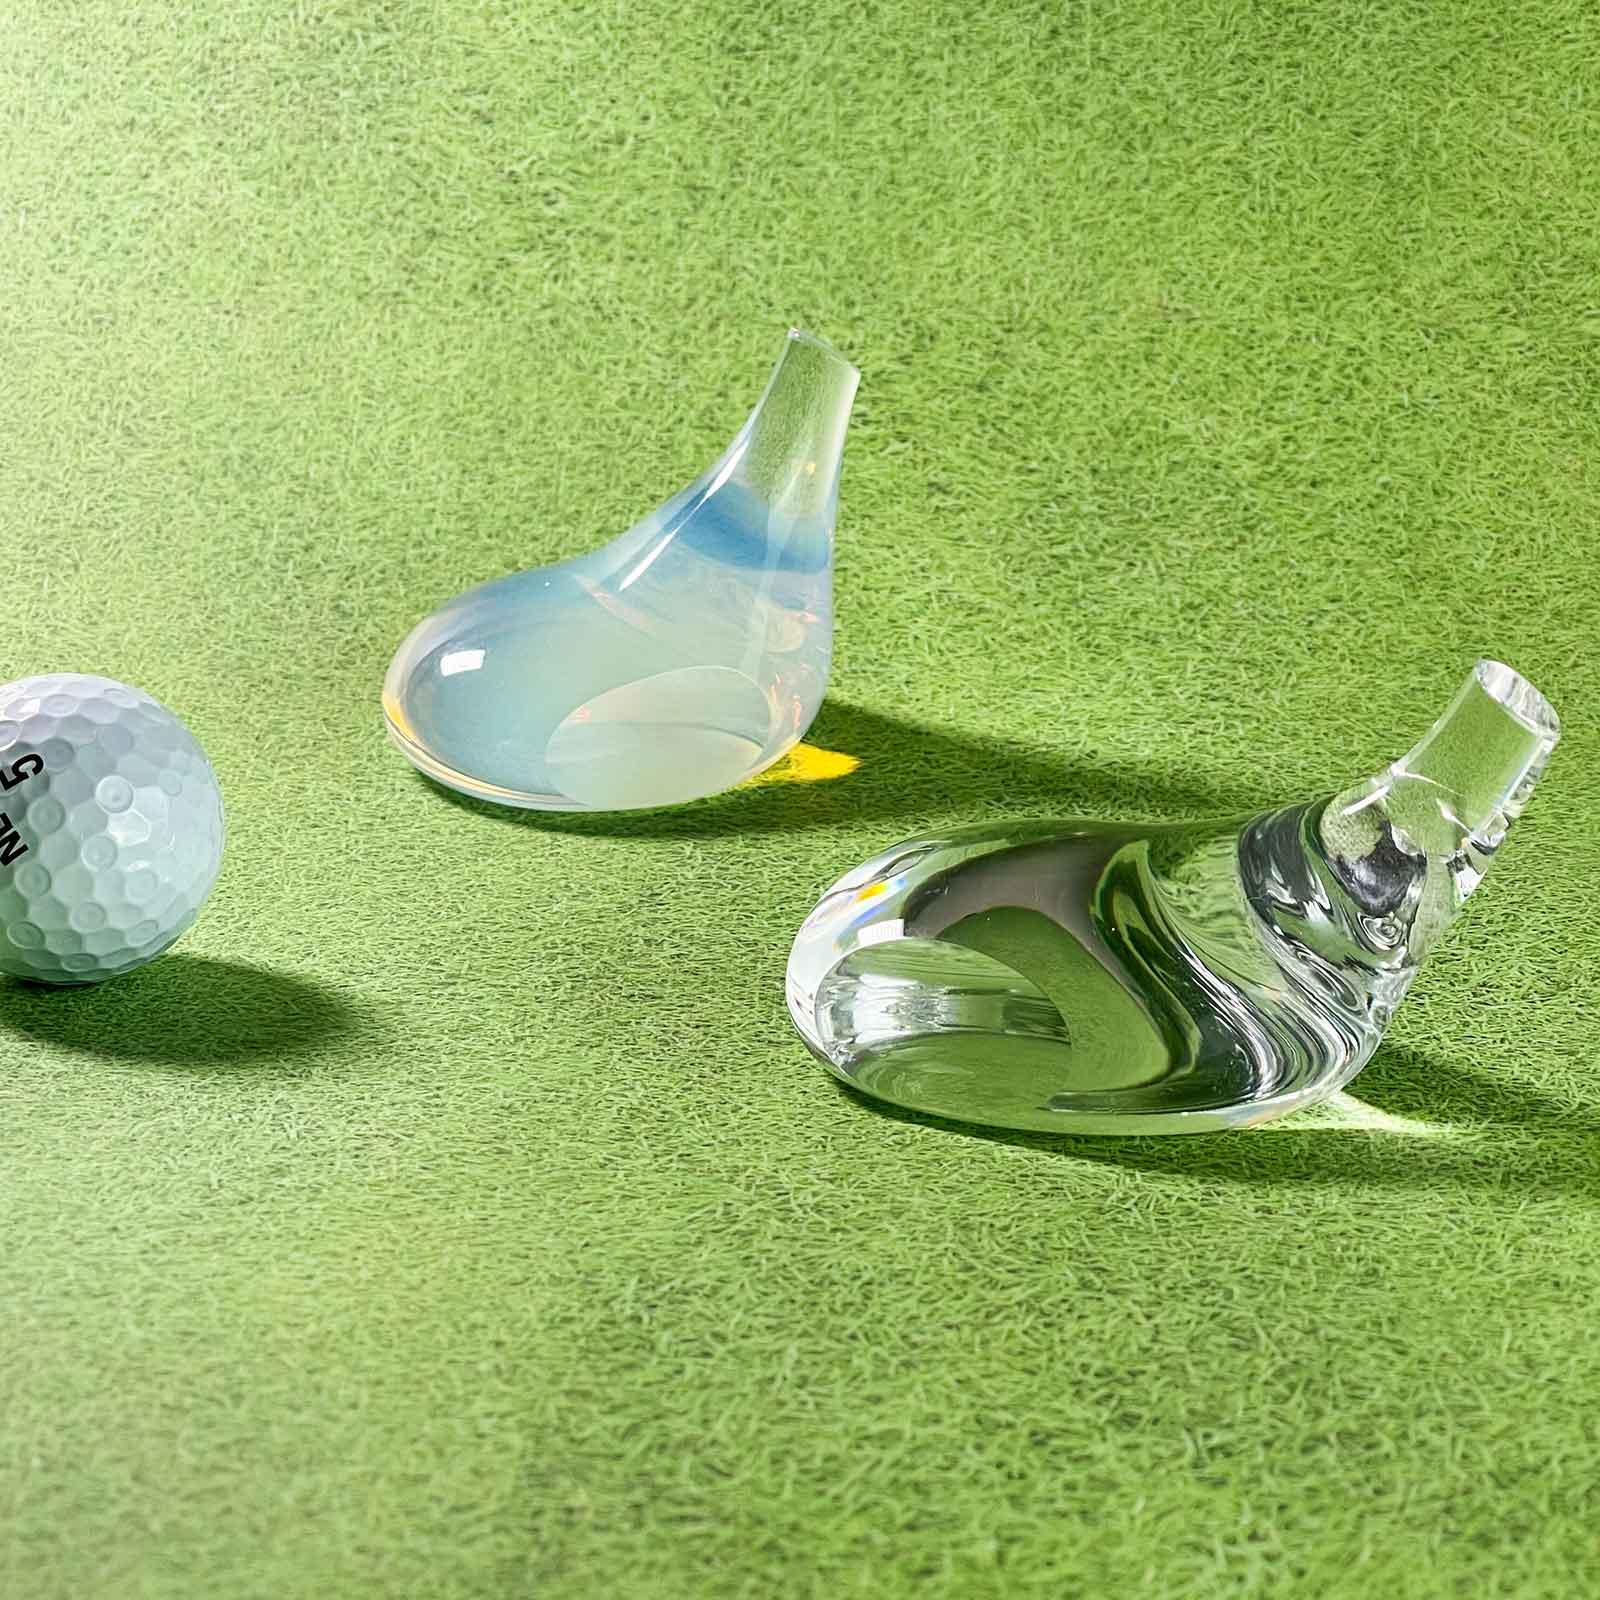 ゴルフクラブ:オーナメント